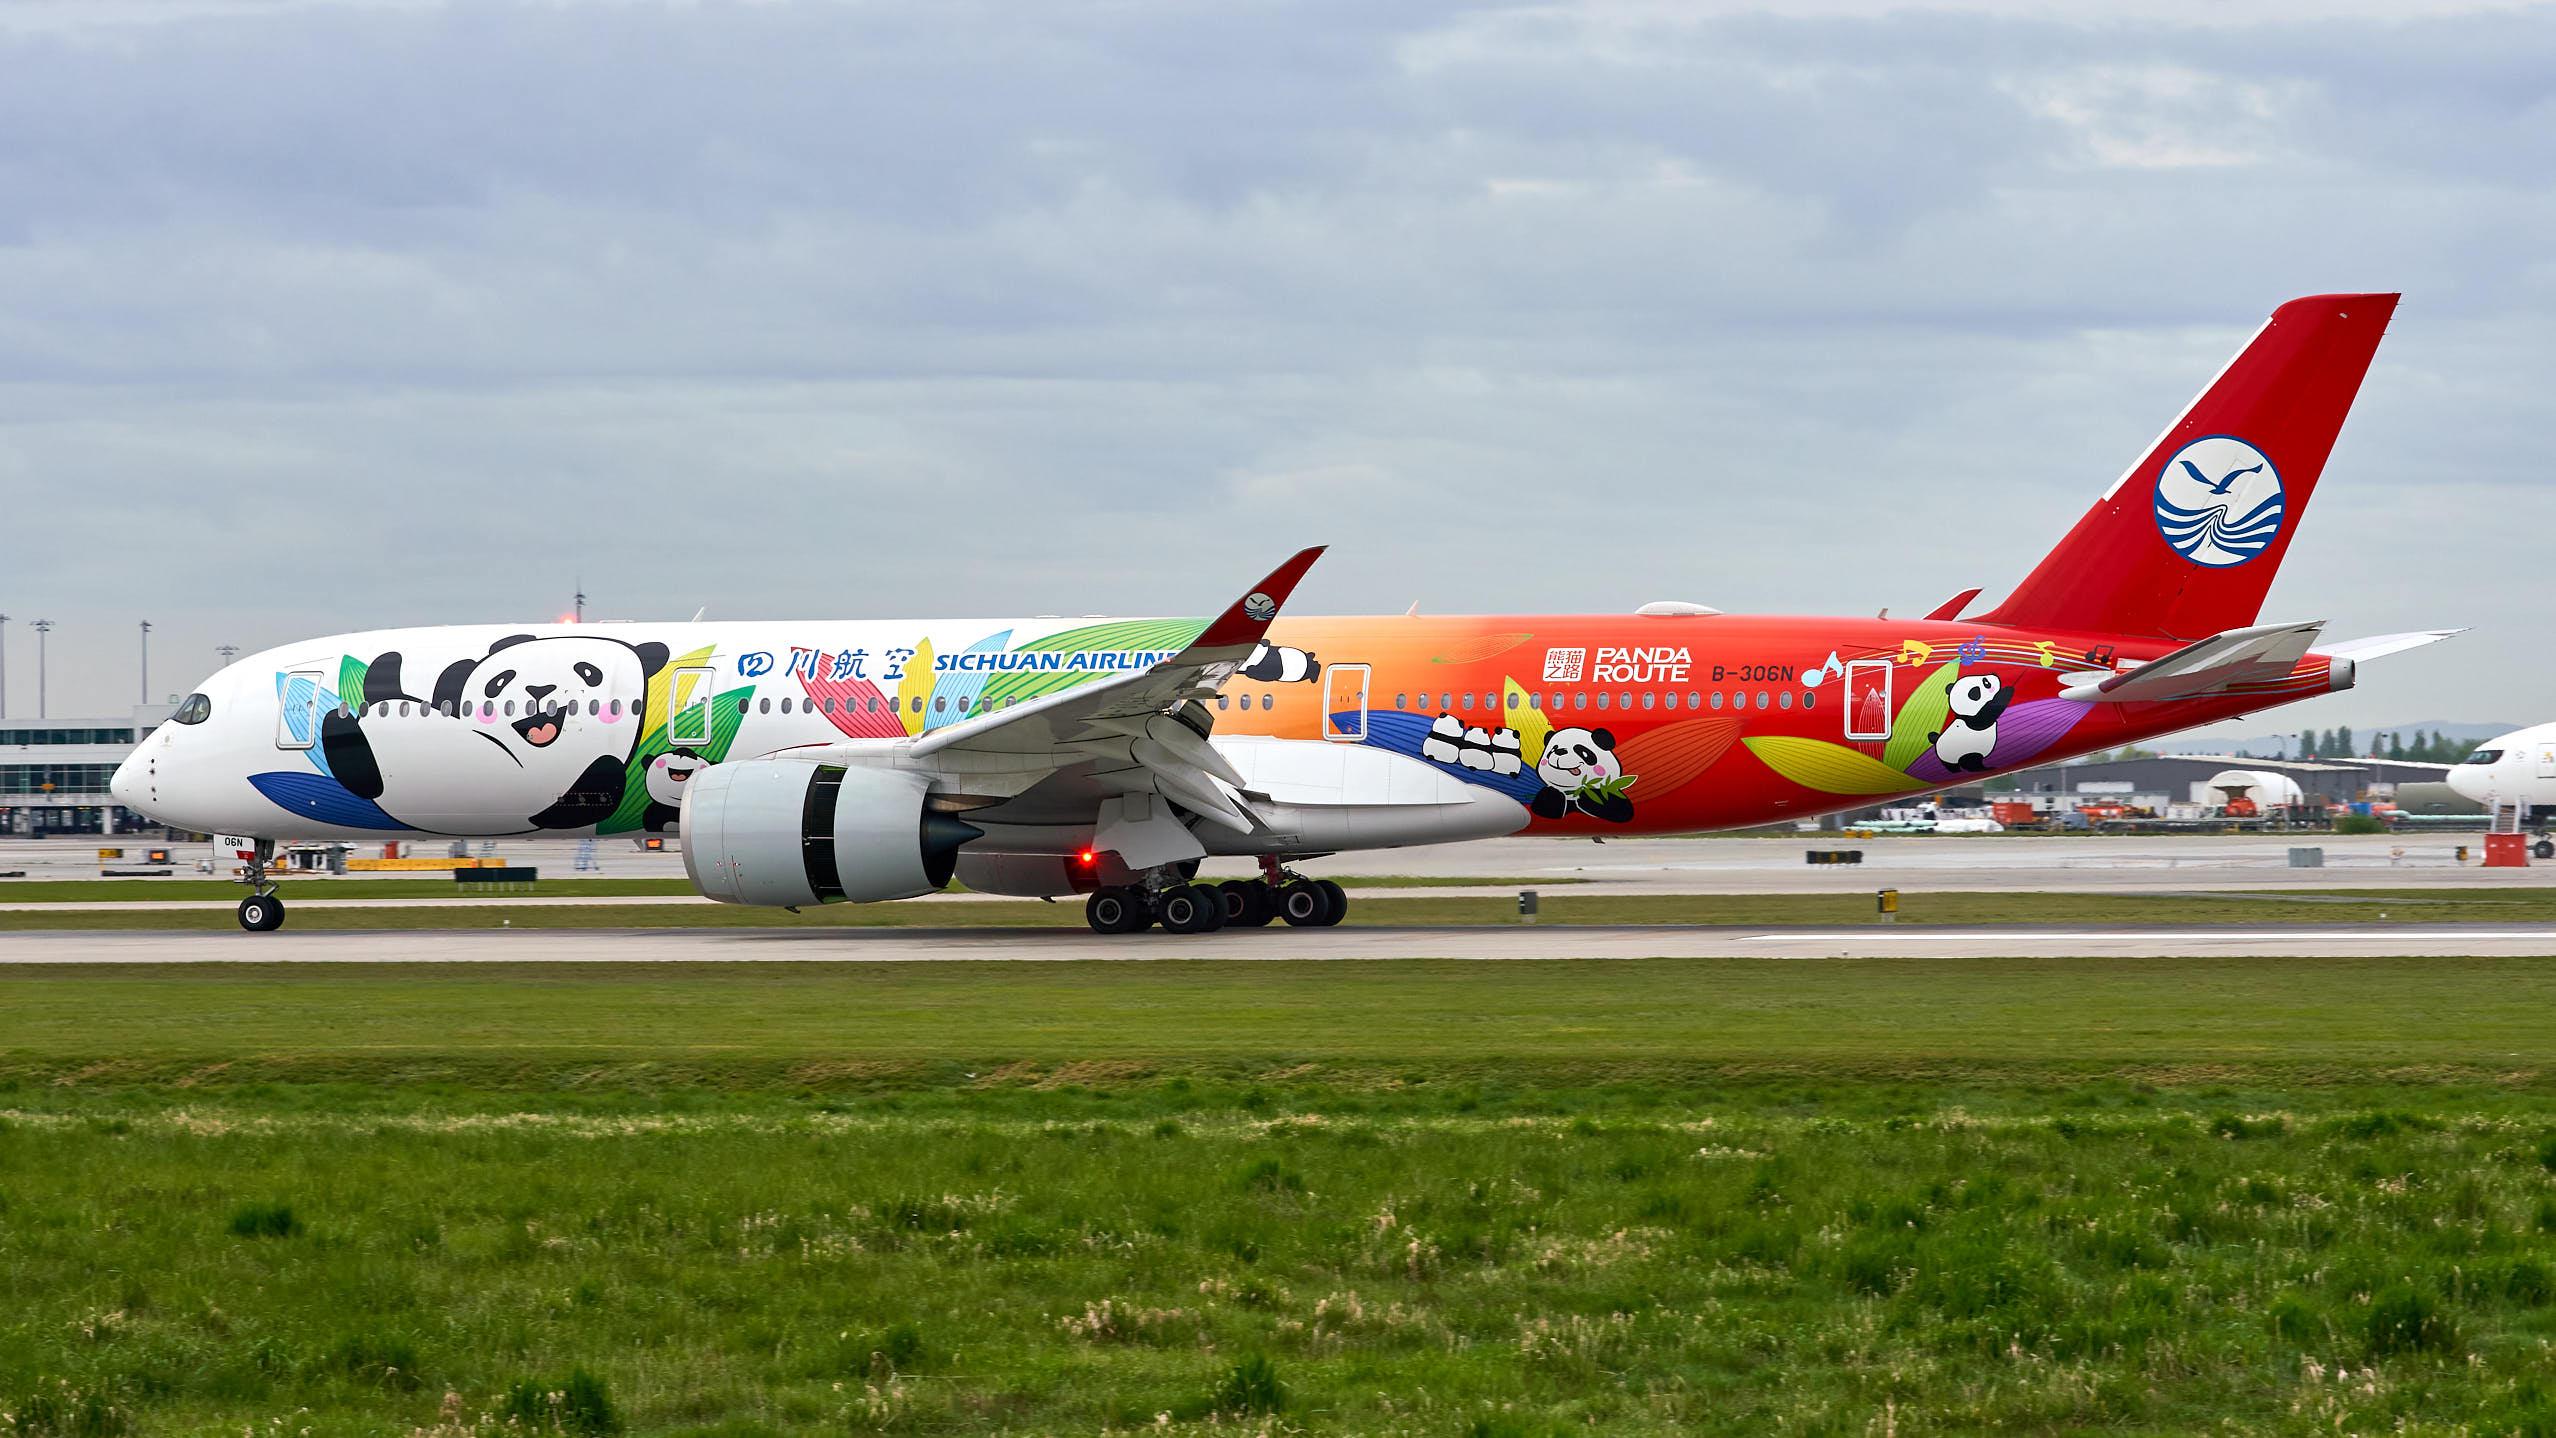 四川航空:「熊貓彩繪」 二號機